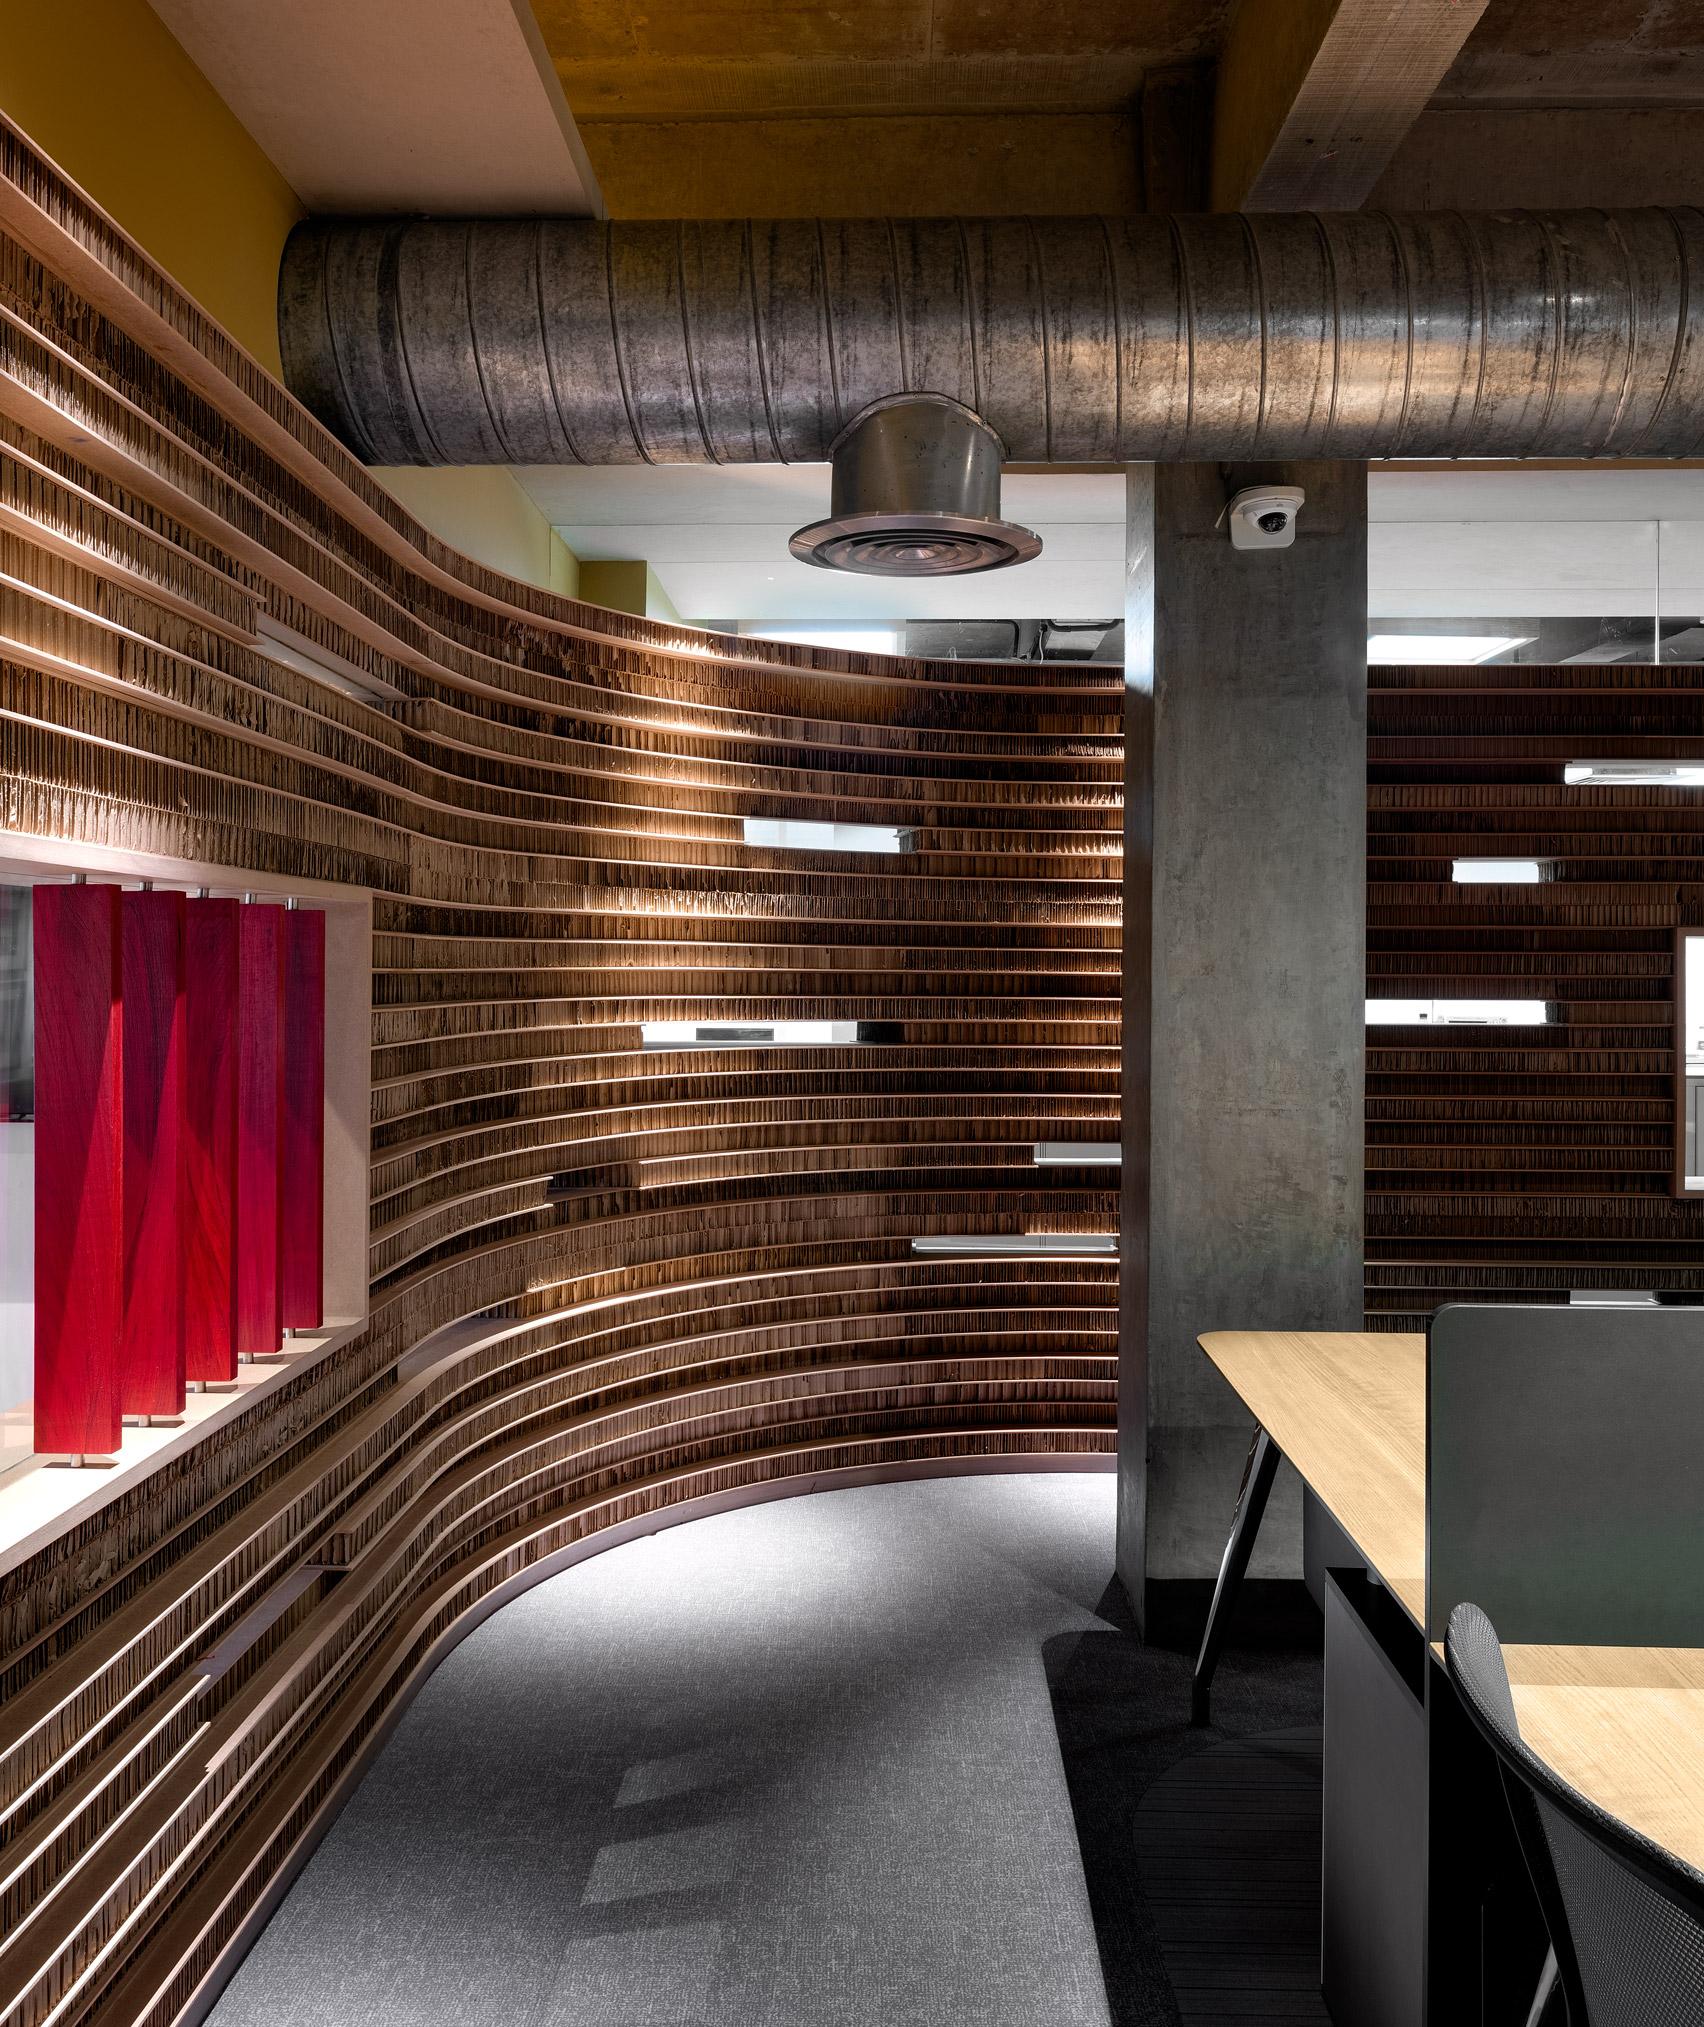 Офис из картона: фото впечатляющего экодизайна - фото 4